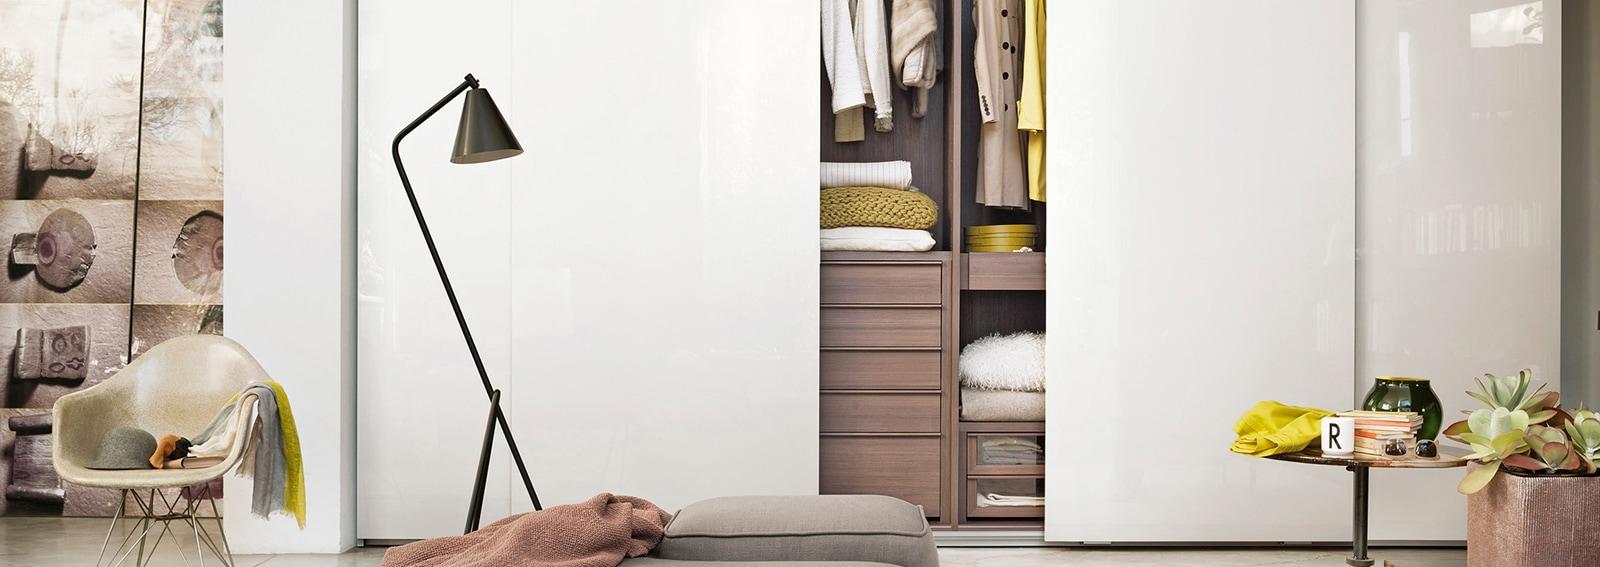 Idee Per Nicchie Nel Muro armadio a muro: 10 idee adatte a ogni spazio